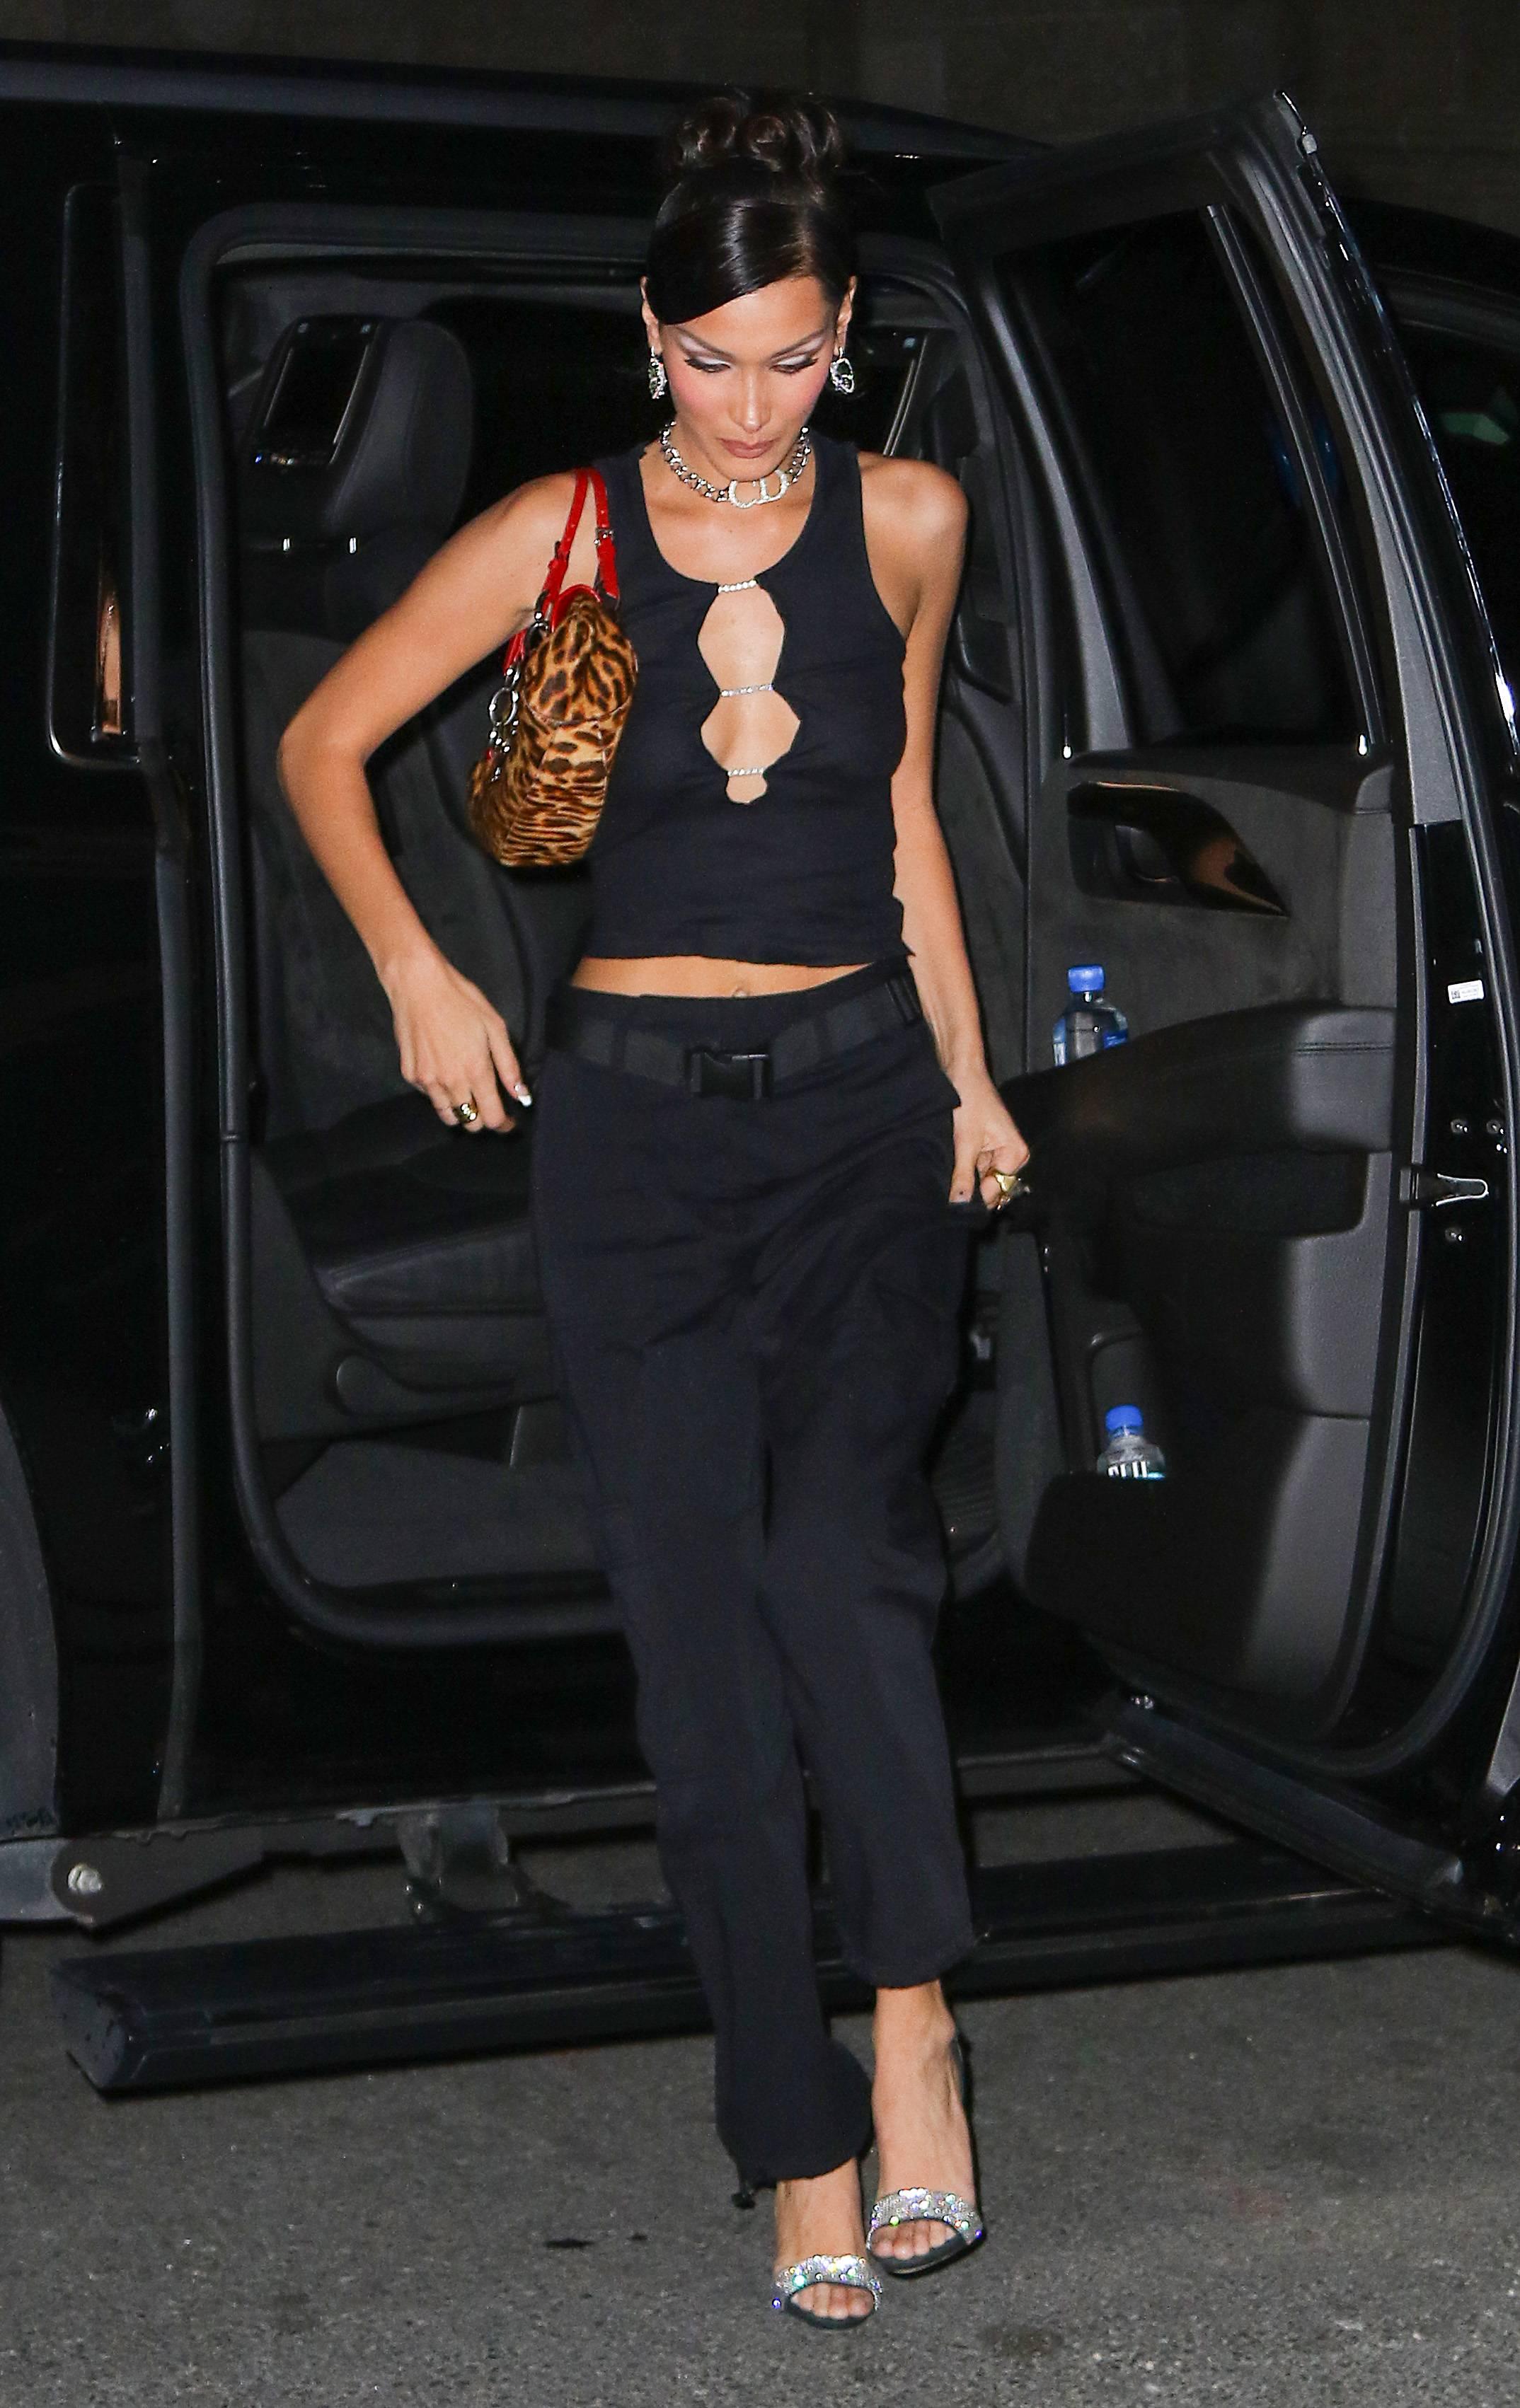 Кто оделся круче всех в эти выходные: Белла Хадид, Анджелина Джоли, Рианна